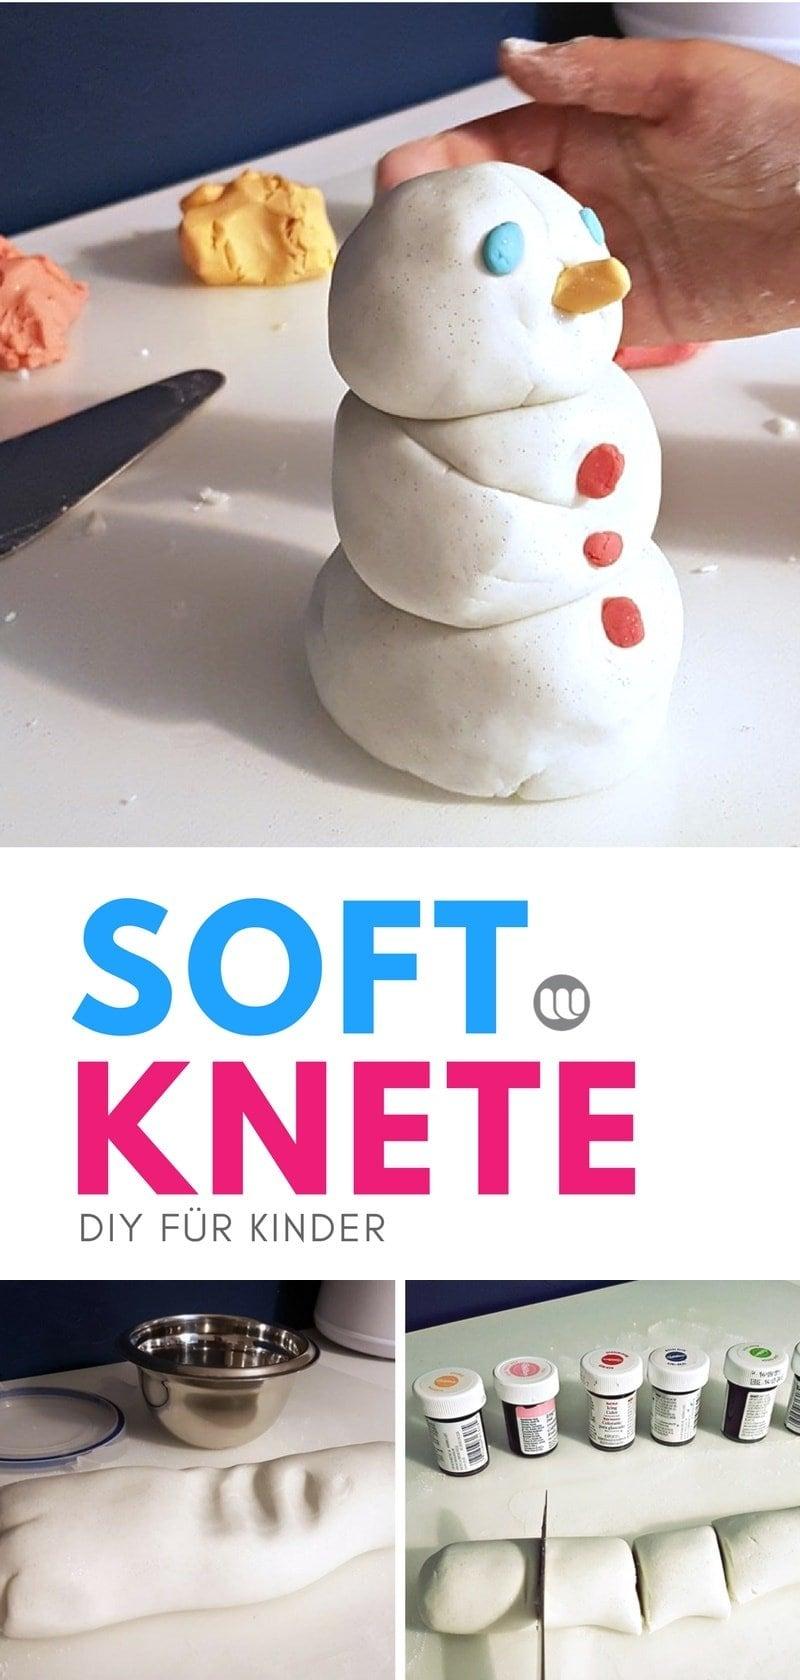 DIY Softknete weiche Knete selber machen Kinder